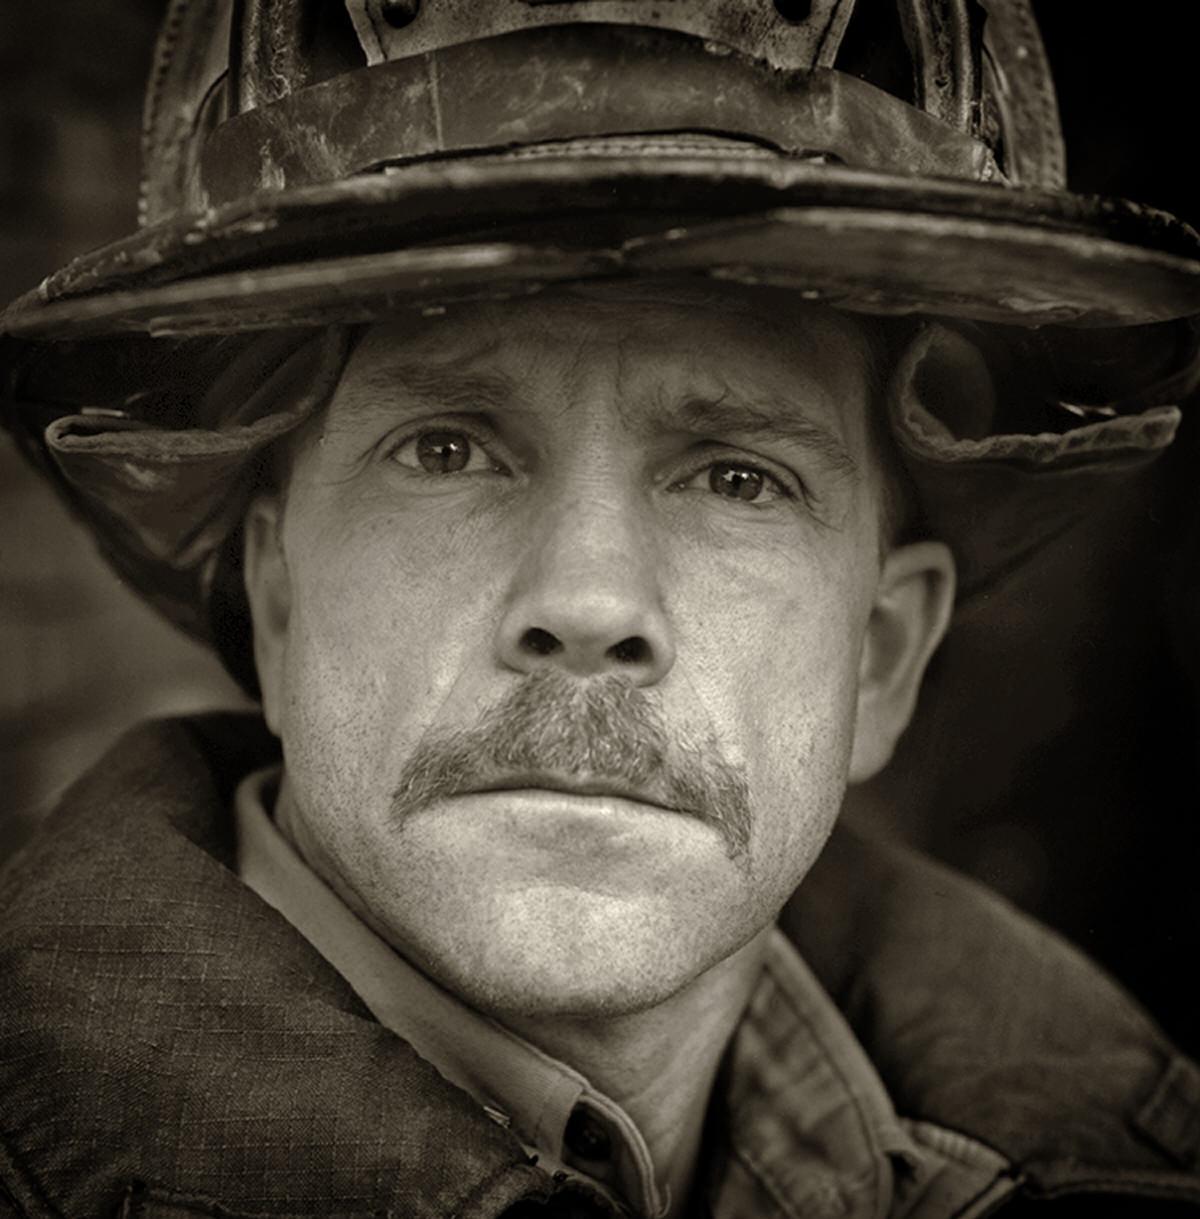 Lt. Ray Trinkle